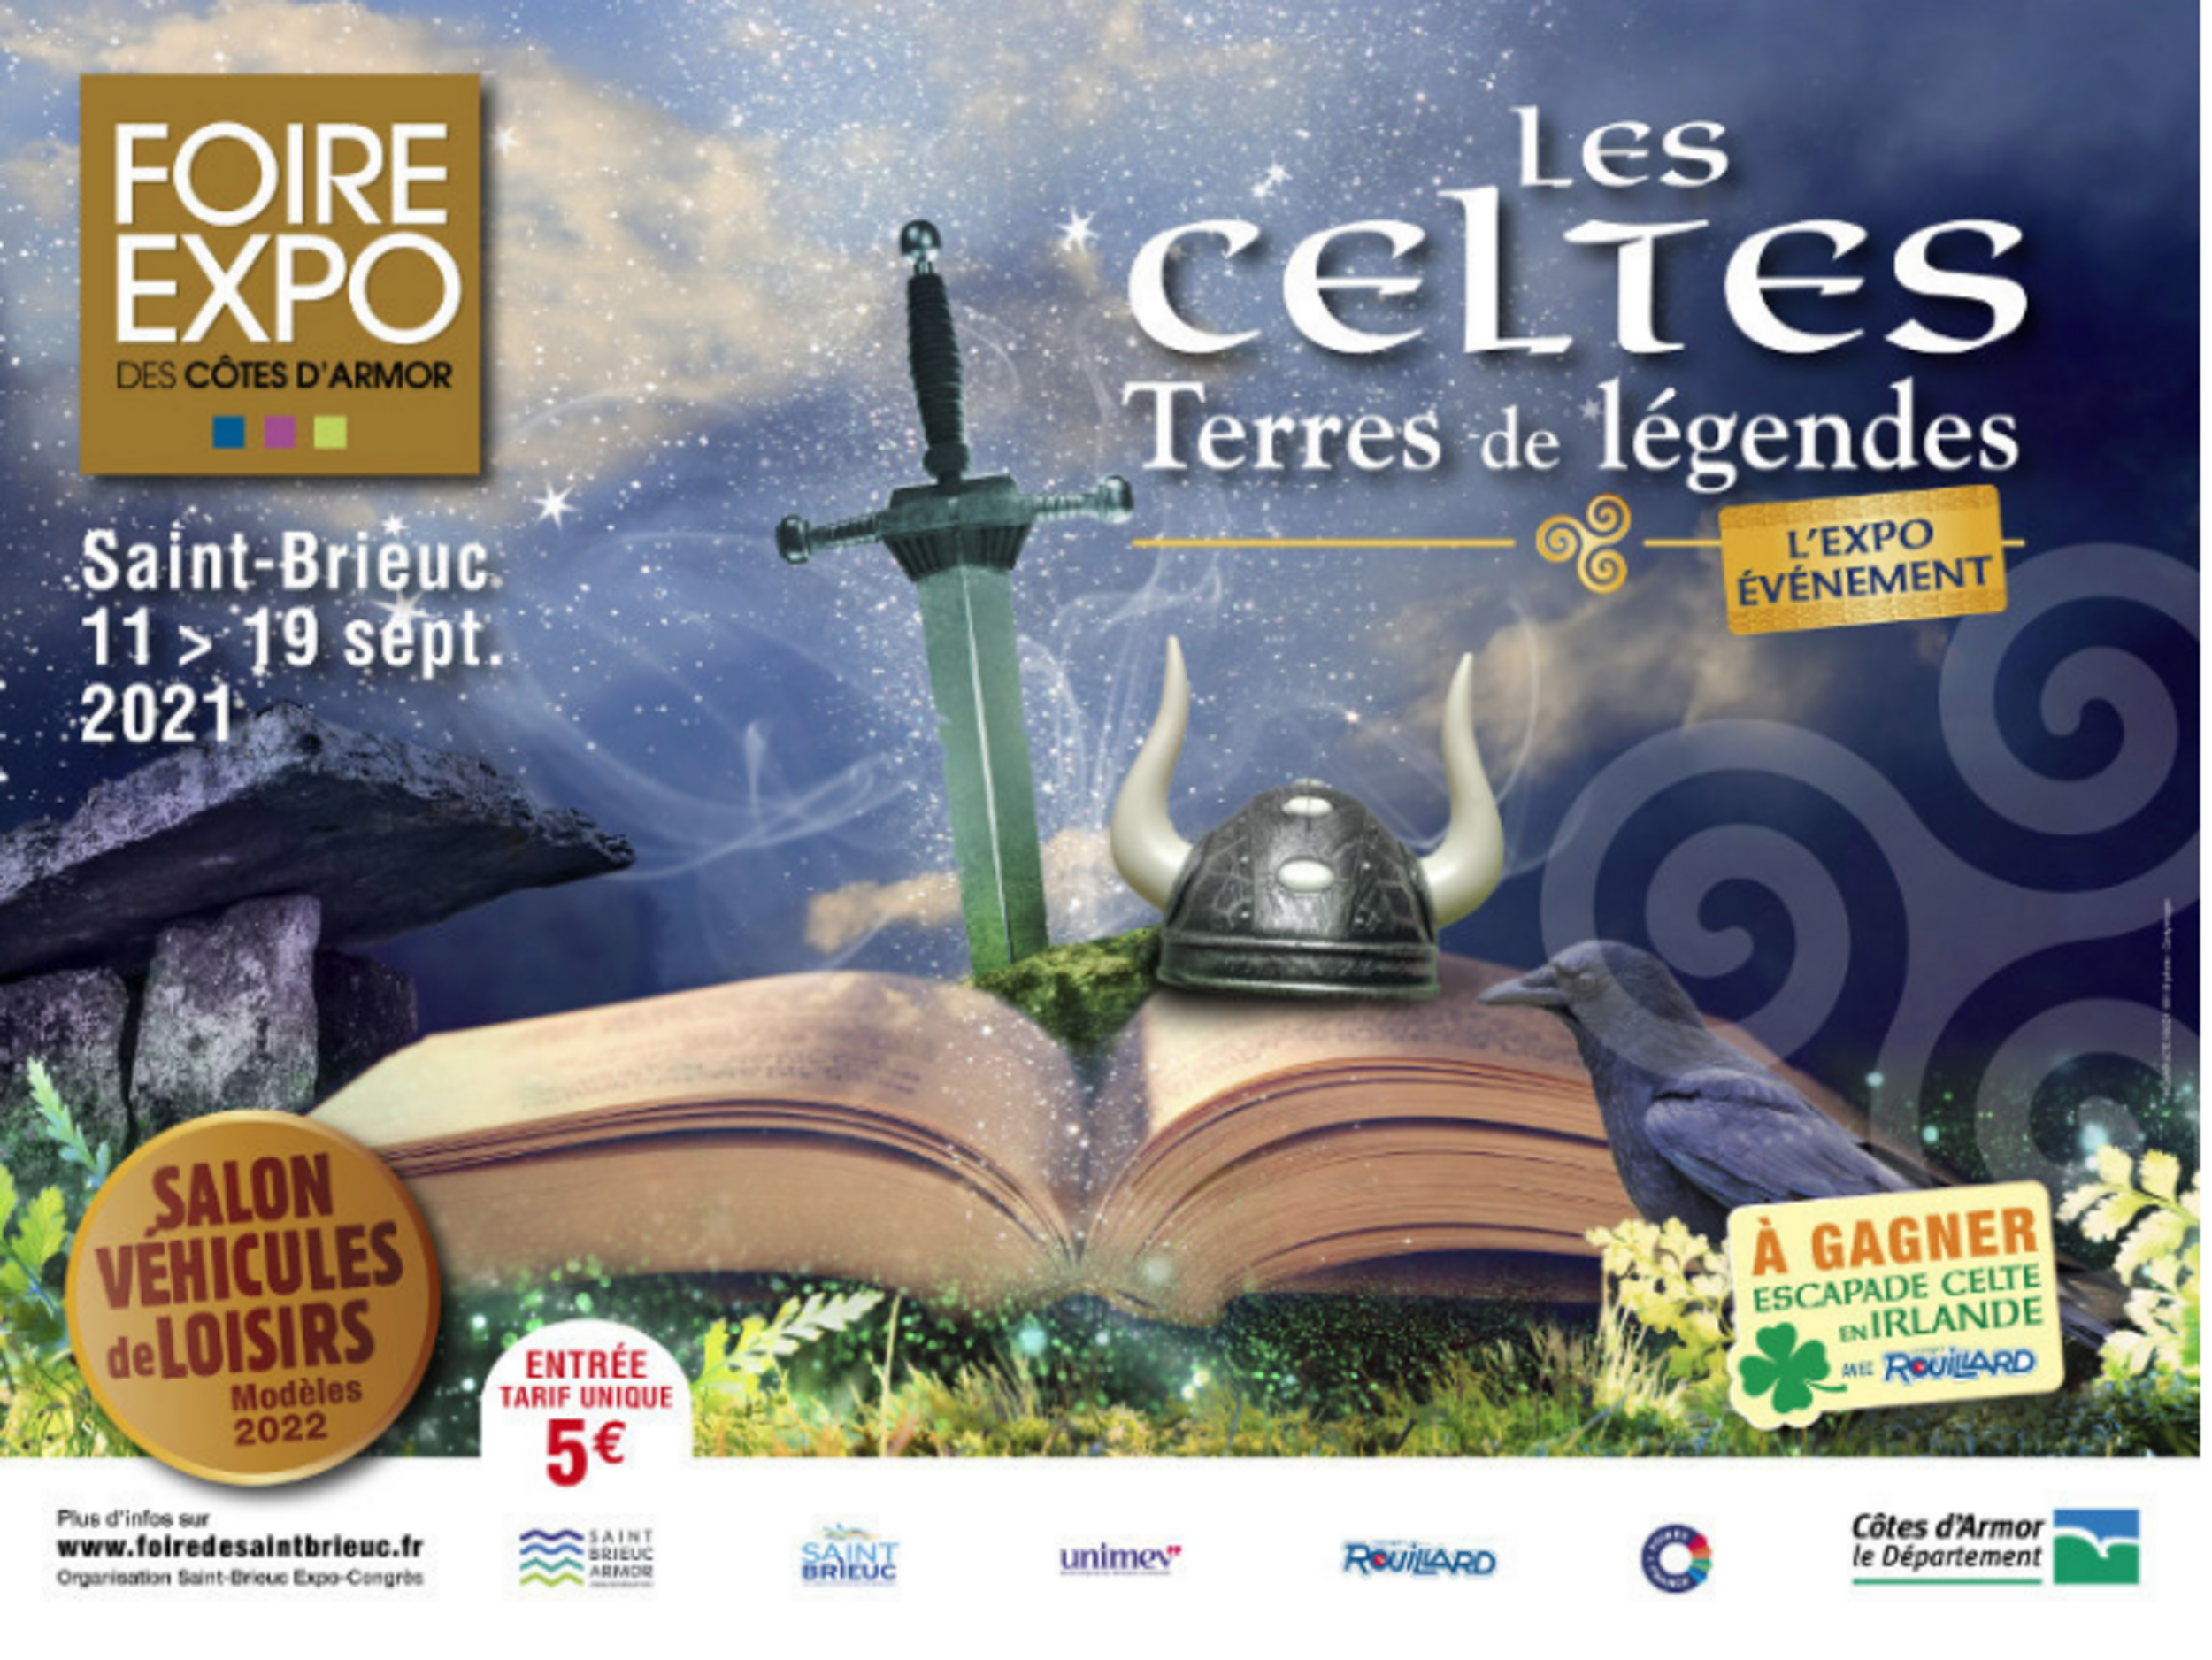 Foire exposition de St-Brieuc